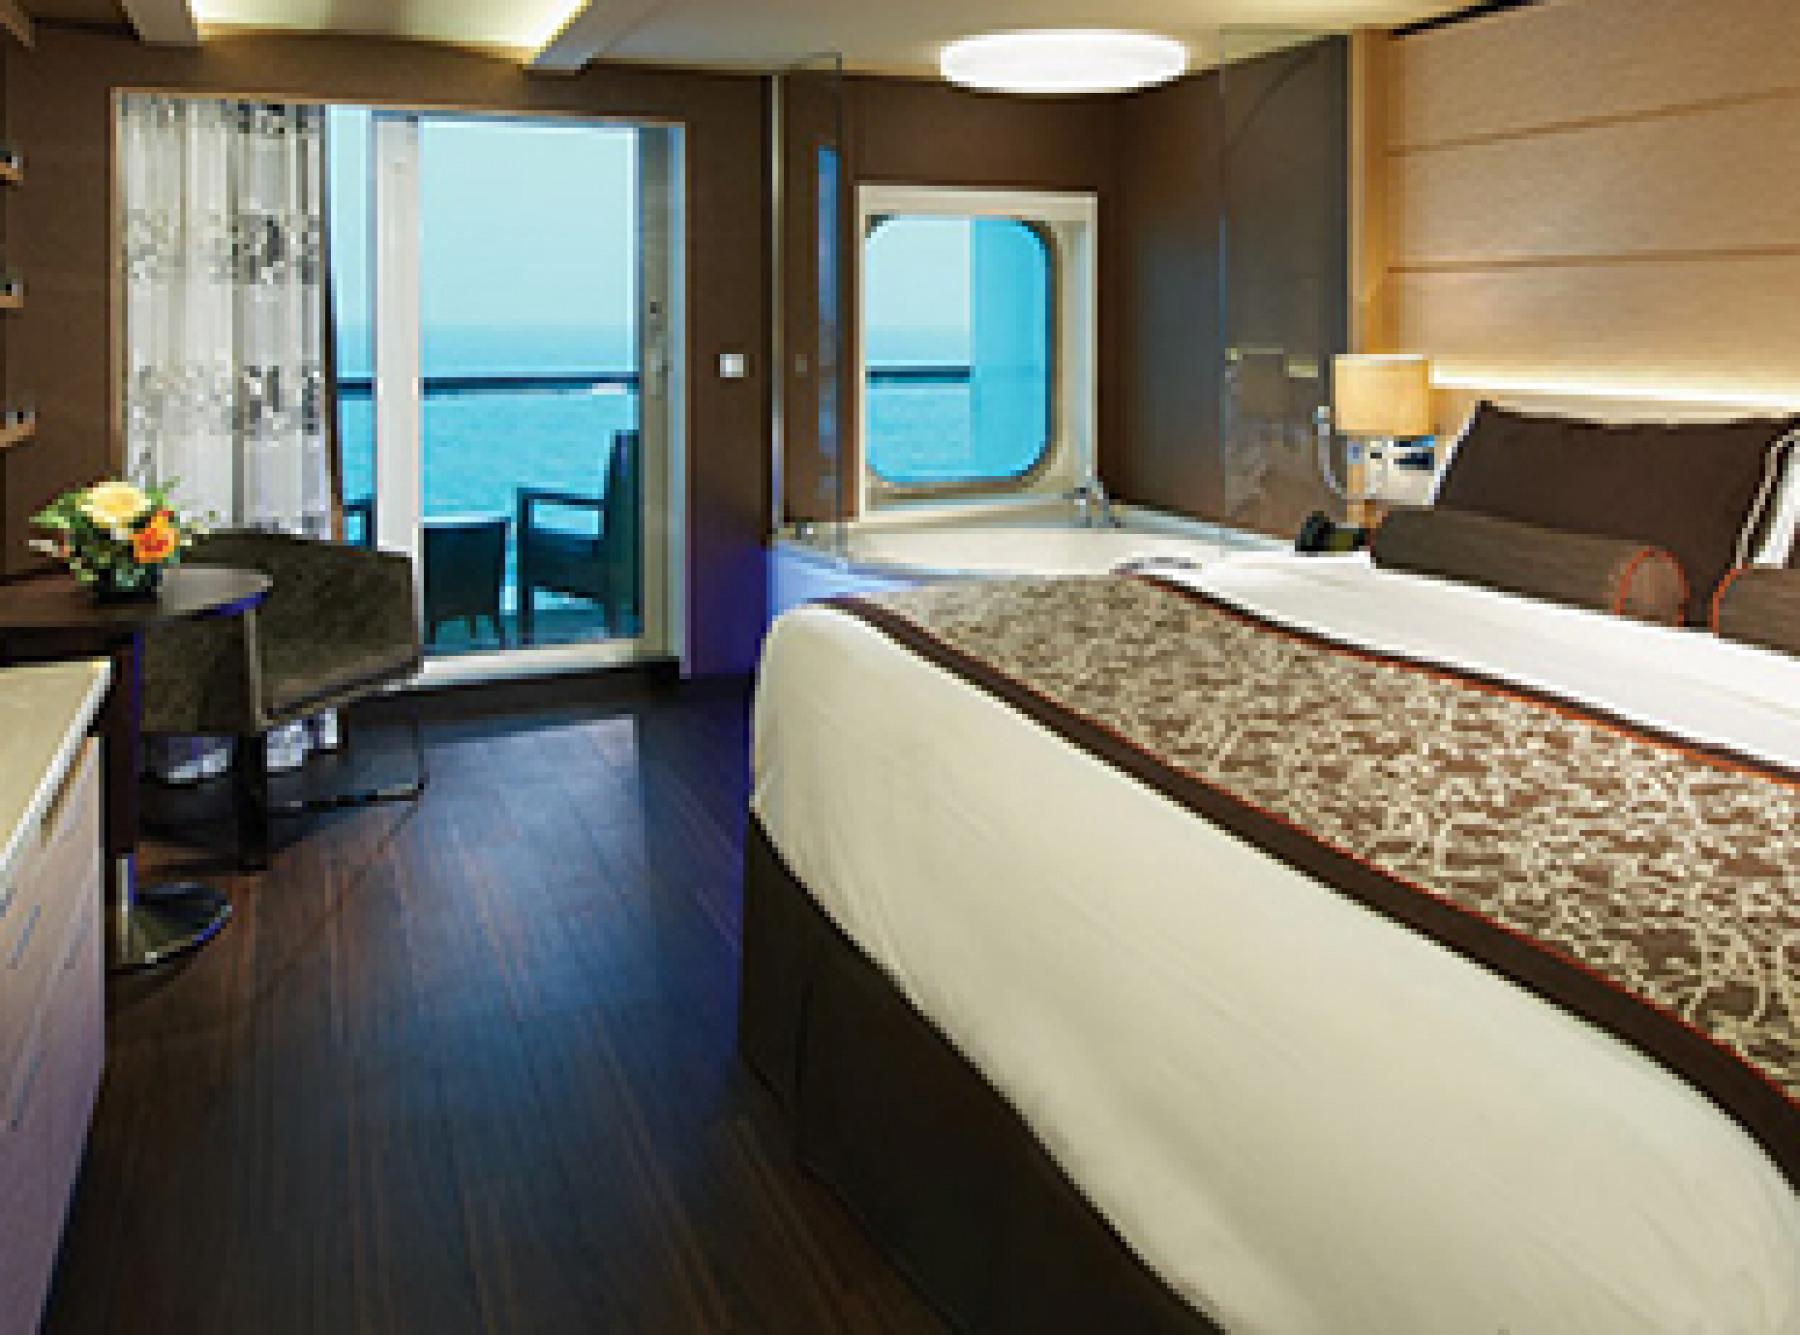 Norwegian Cruise Line Norwegian Breakaway Accommodation Spa Suite.jpg